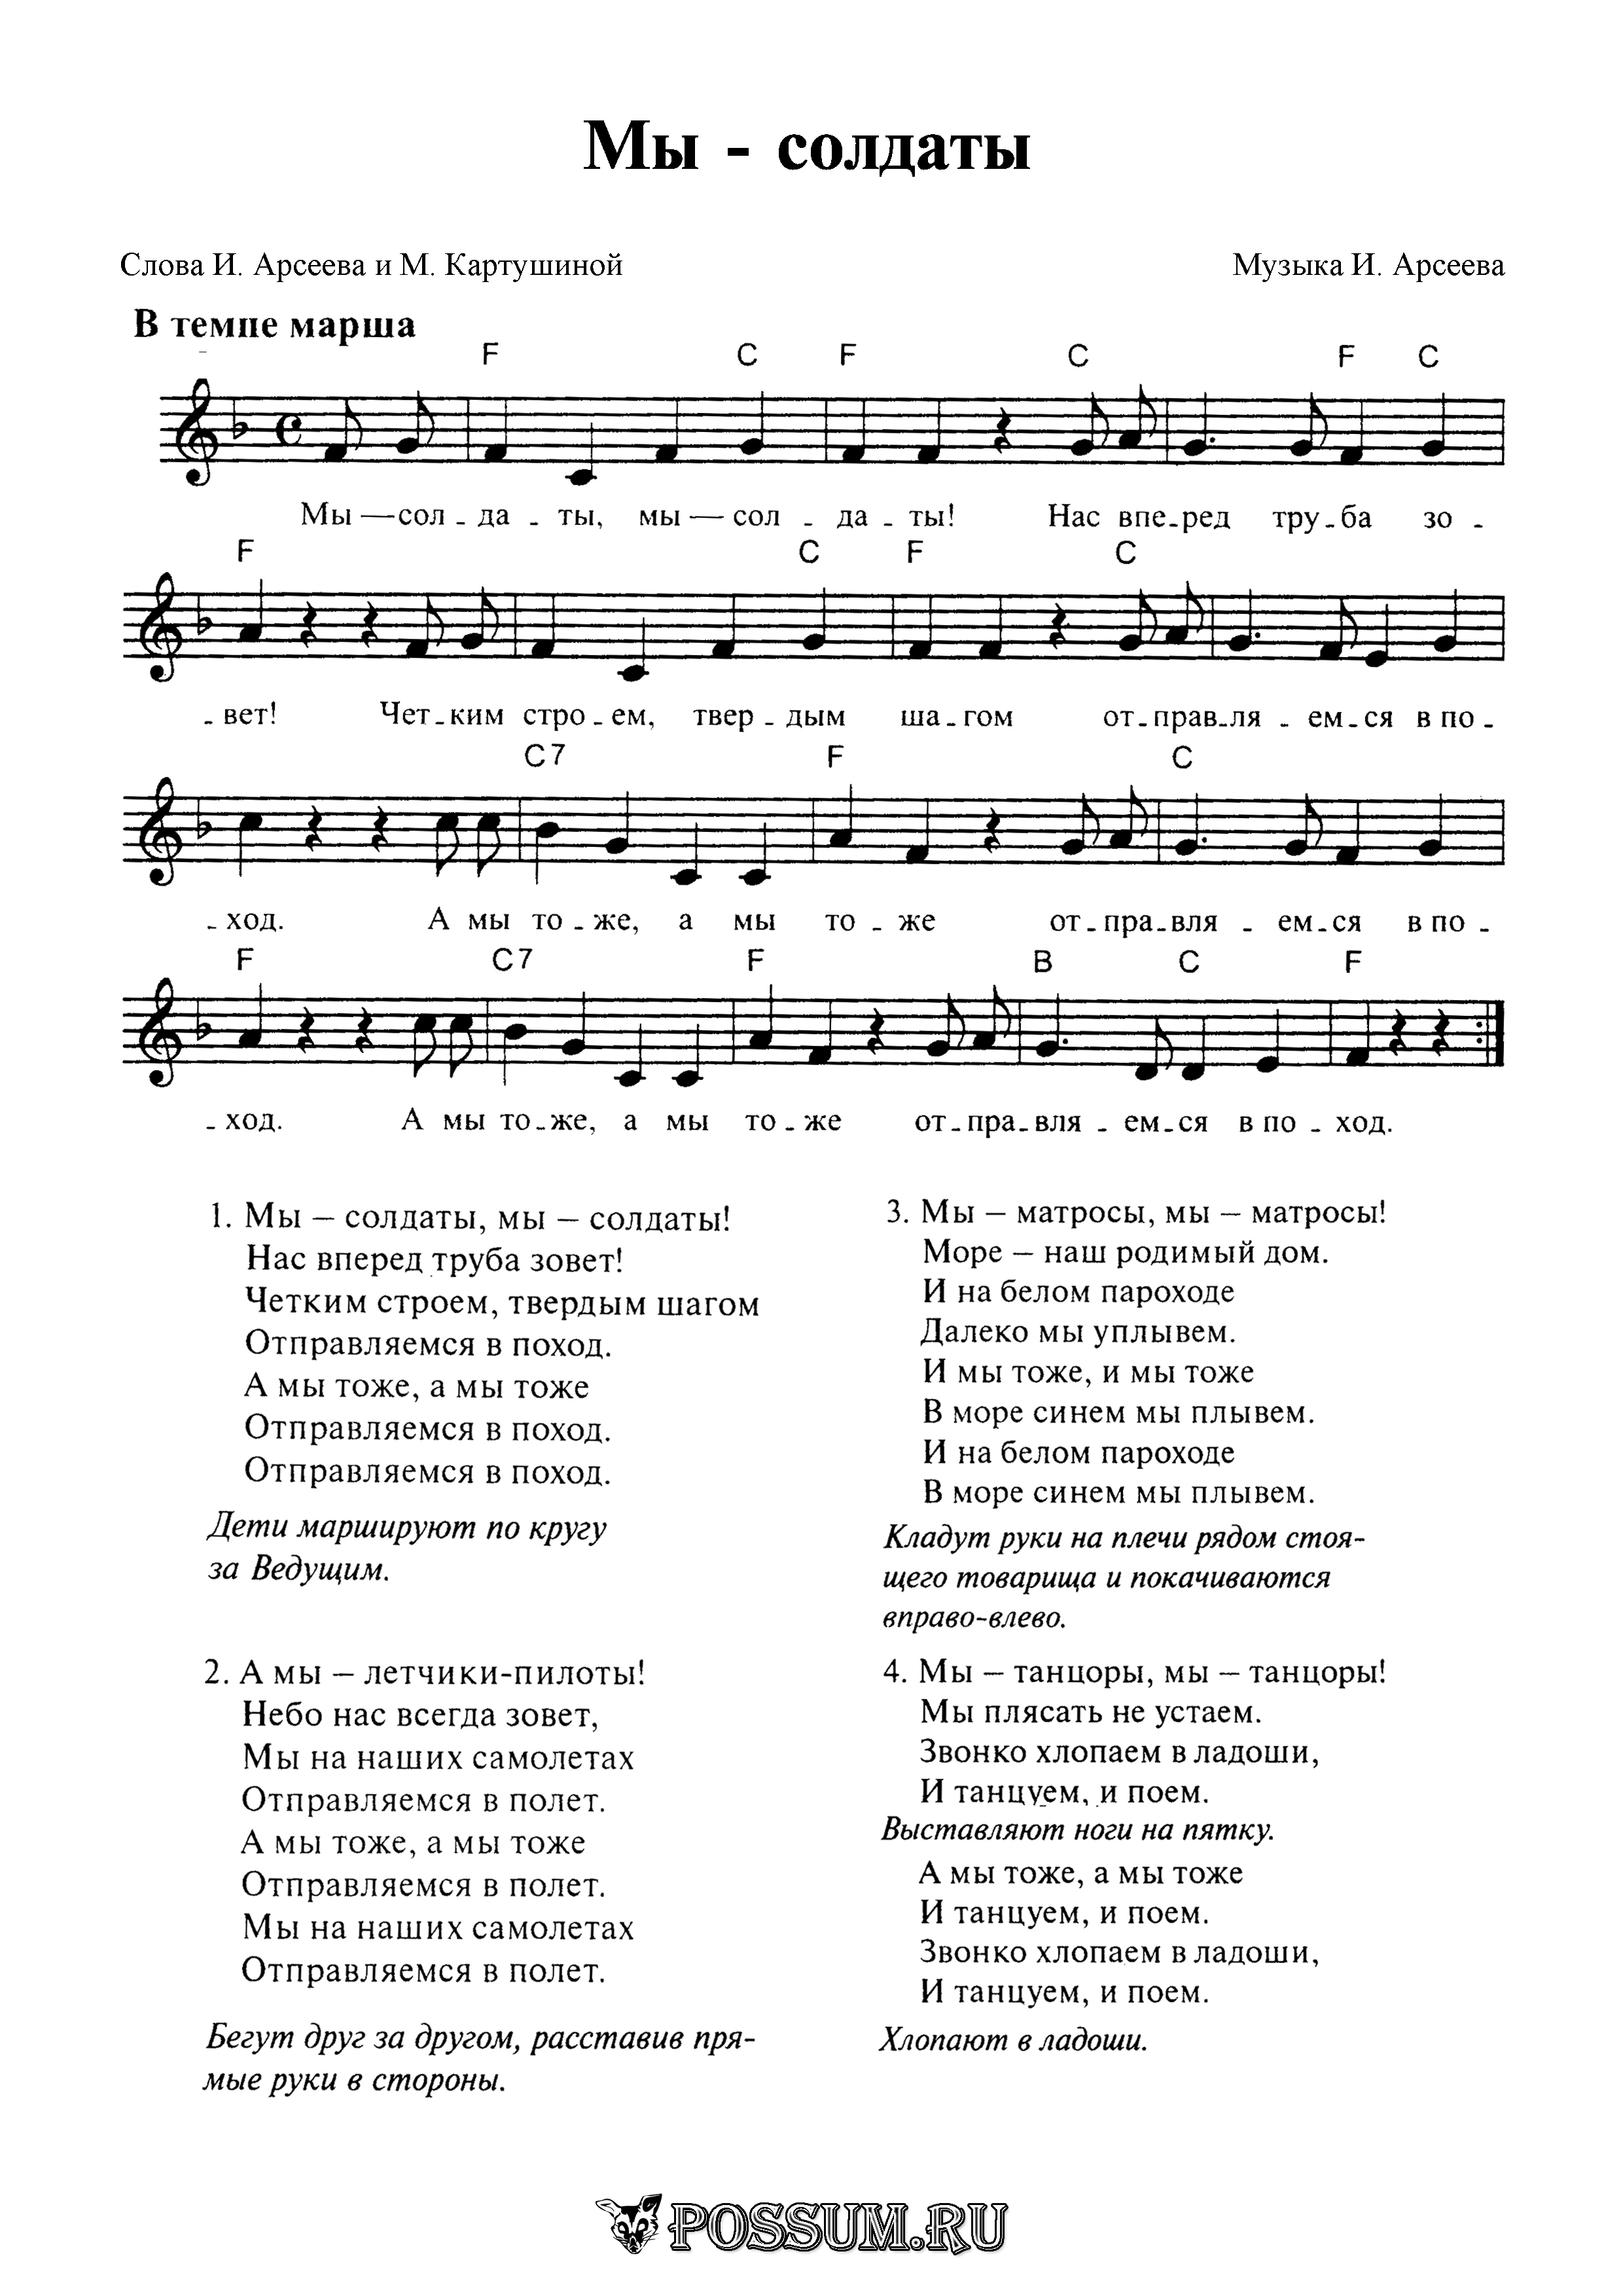 ПЕСНЯ ТРУБАЧЕВЫ МЫ ШАГАЕМ КАК СОЛДАТЫ СКАЧАТЬ БЕСПЛАТНО